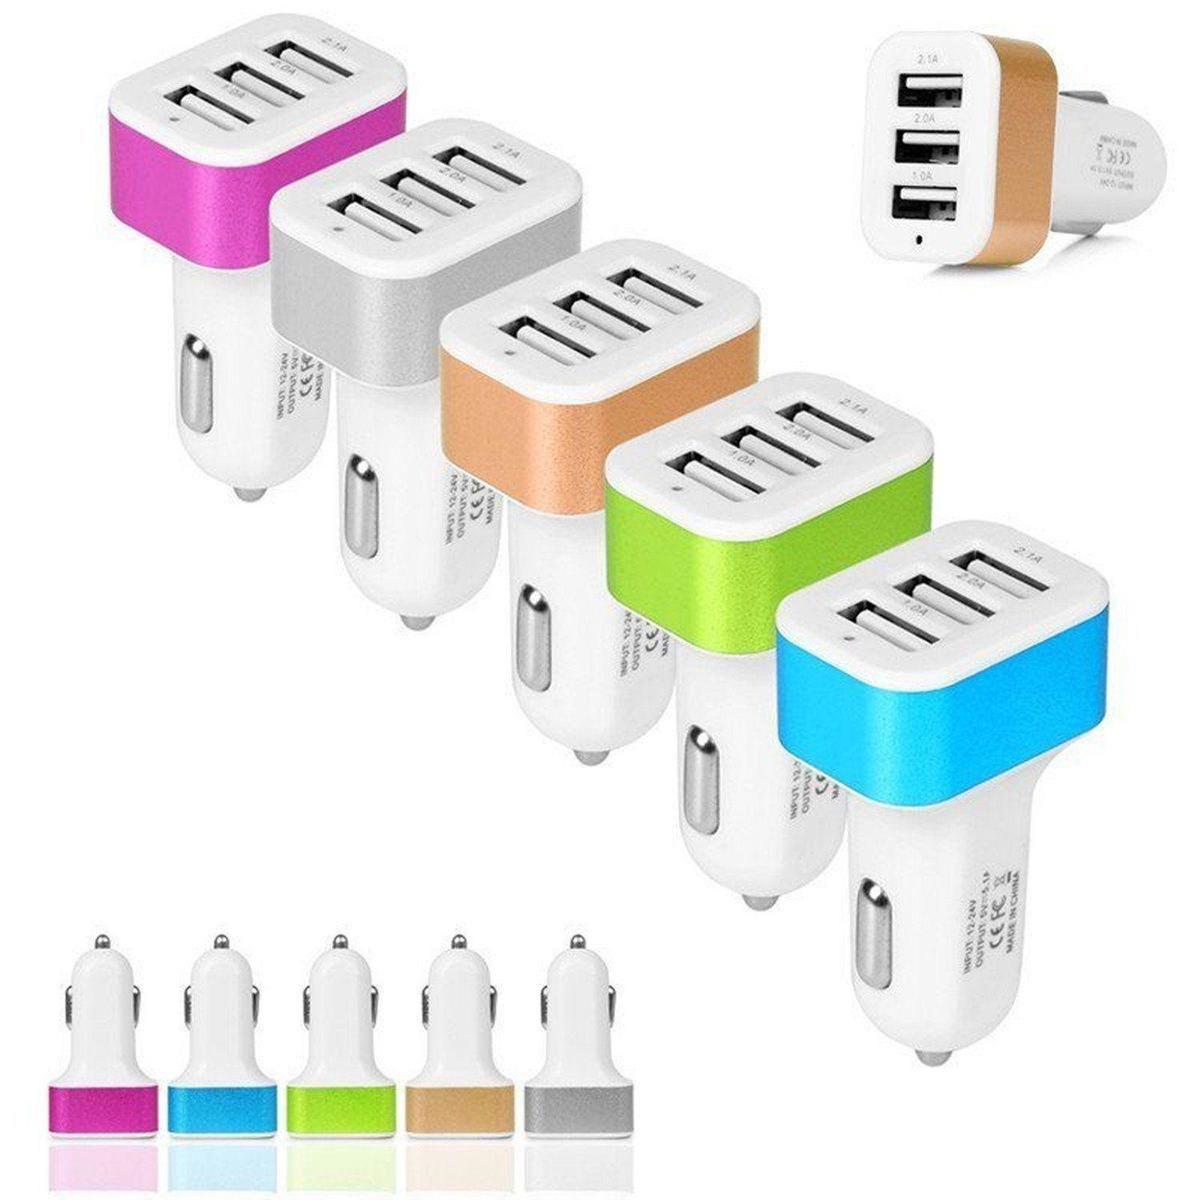 Evrensel 3 Liman Araç şarj cihazı Üçlü USB Araç Şarj Adaptörü USB Soket iPhone Samsung Xiaomi Cep Telefonu